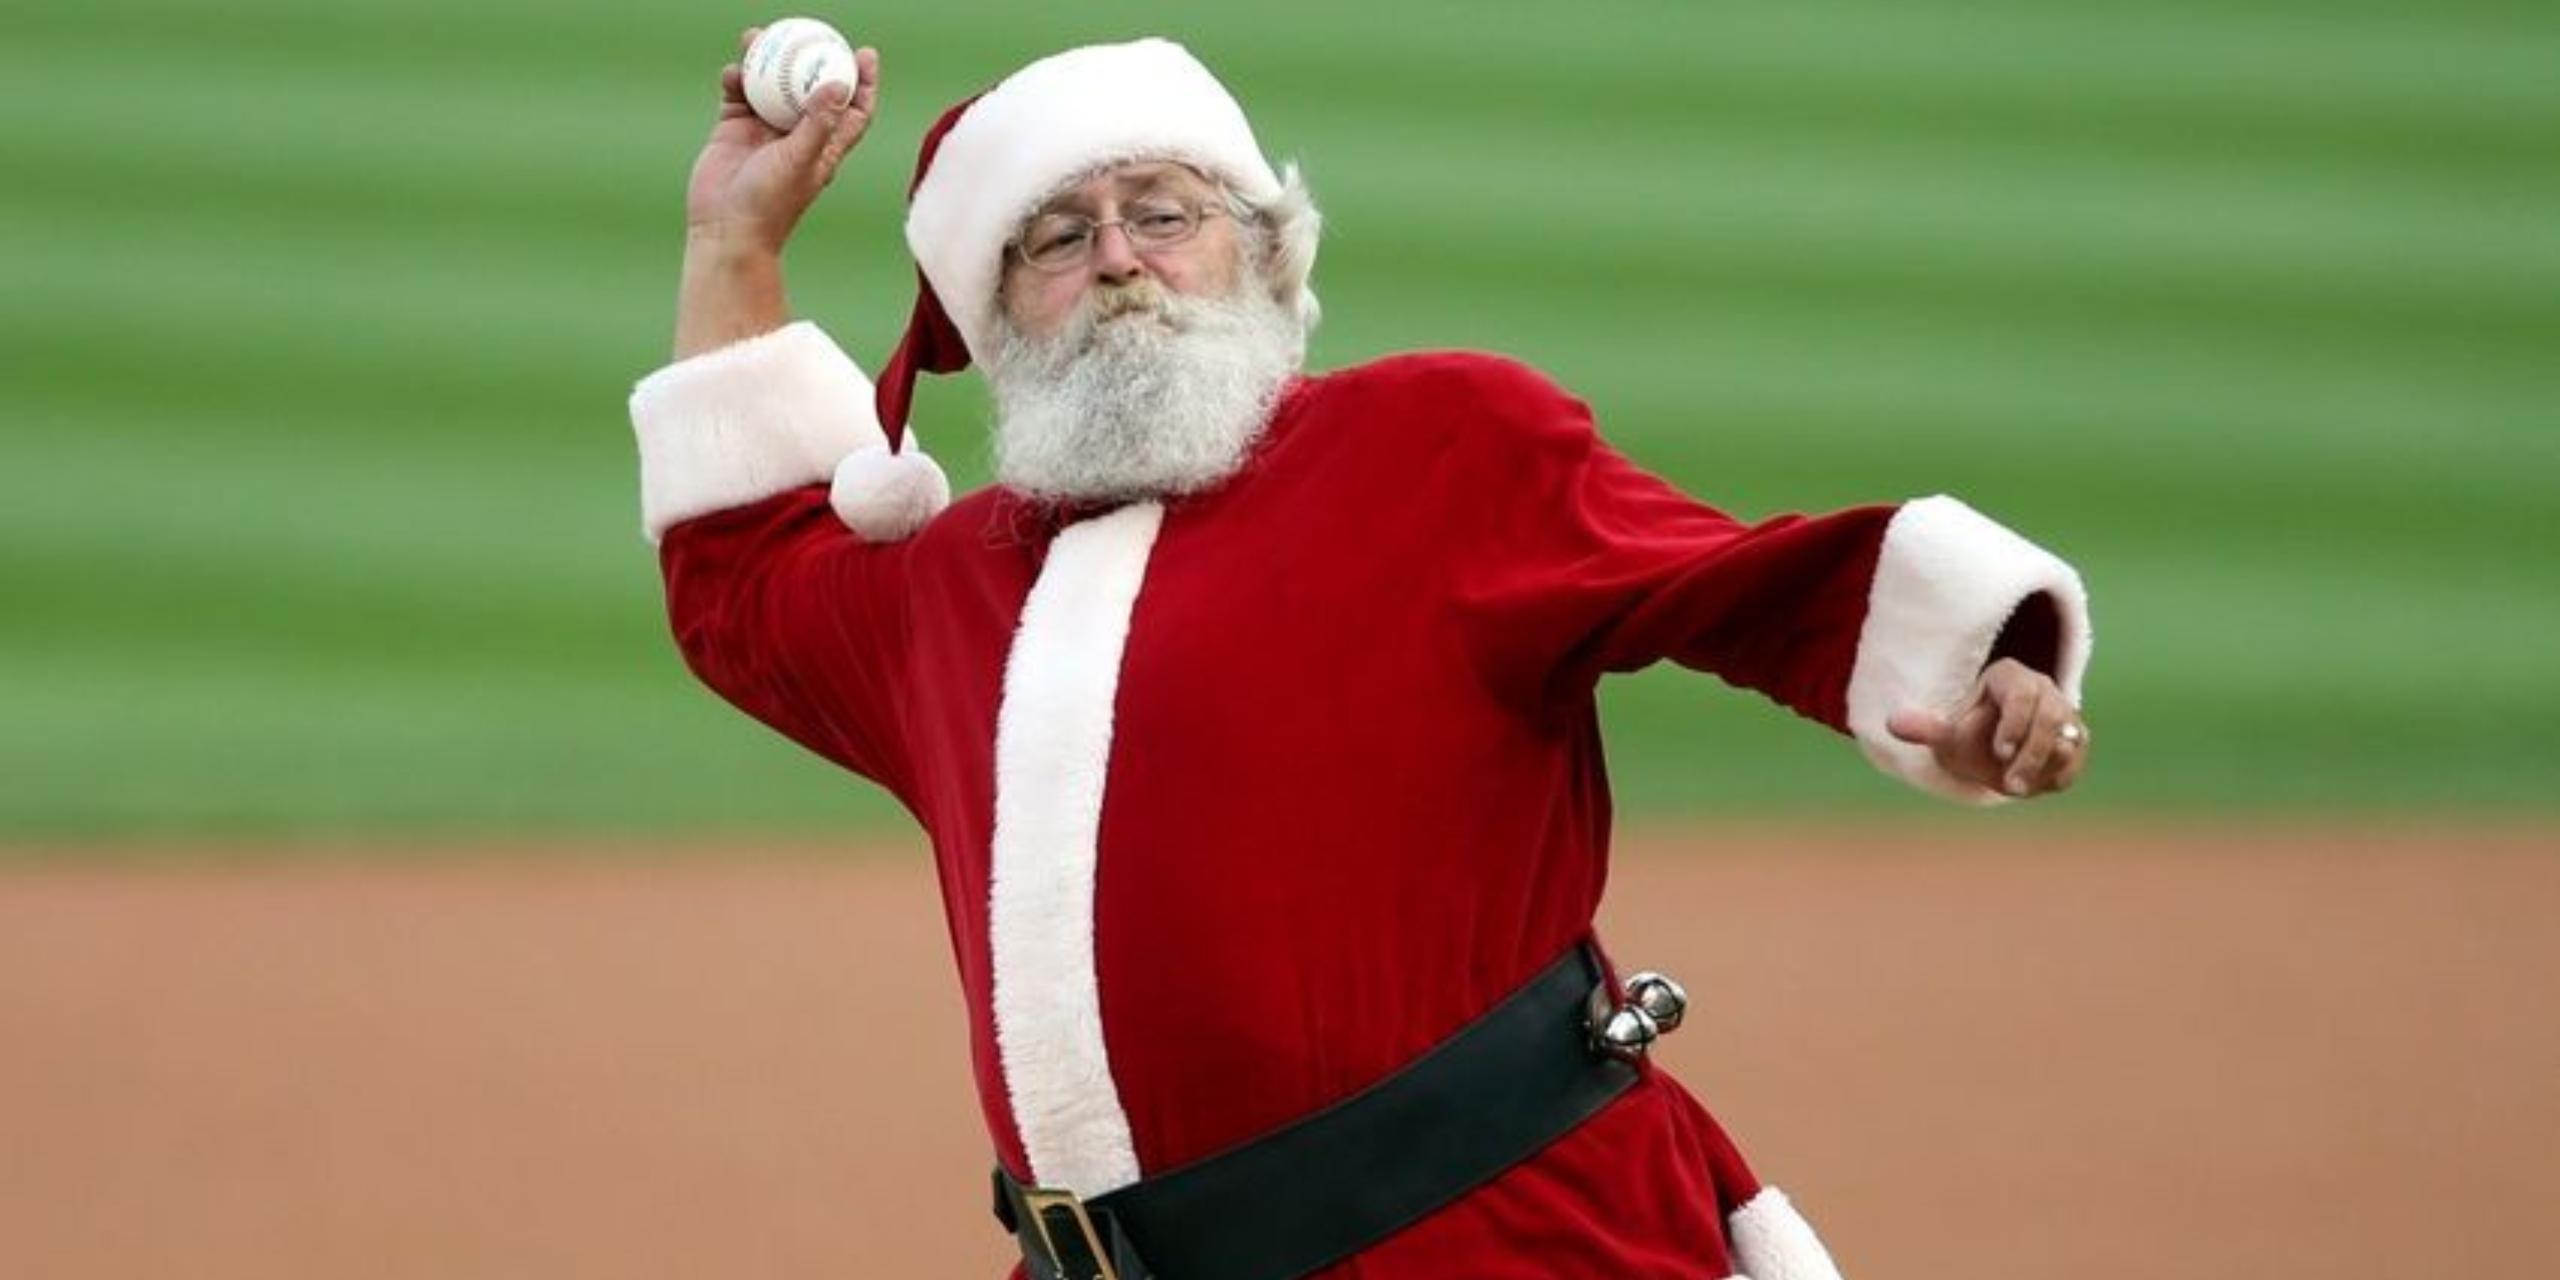 santa throwing a baseball